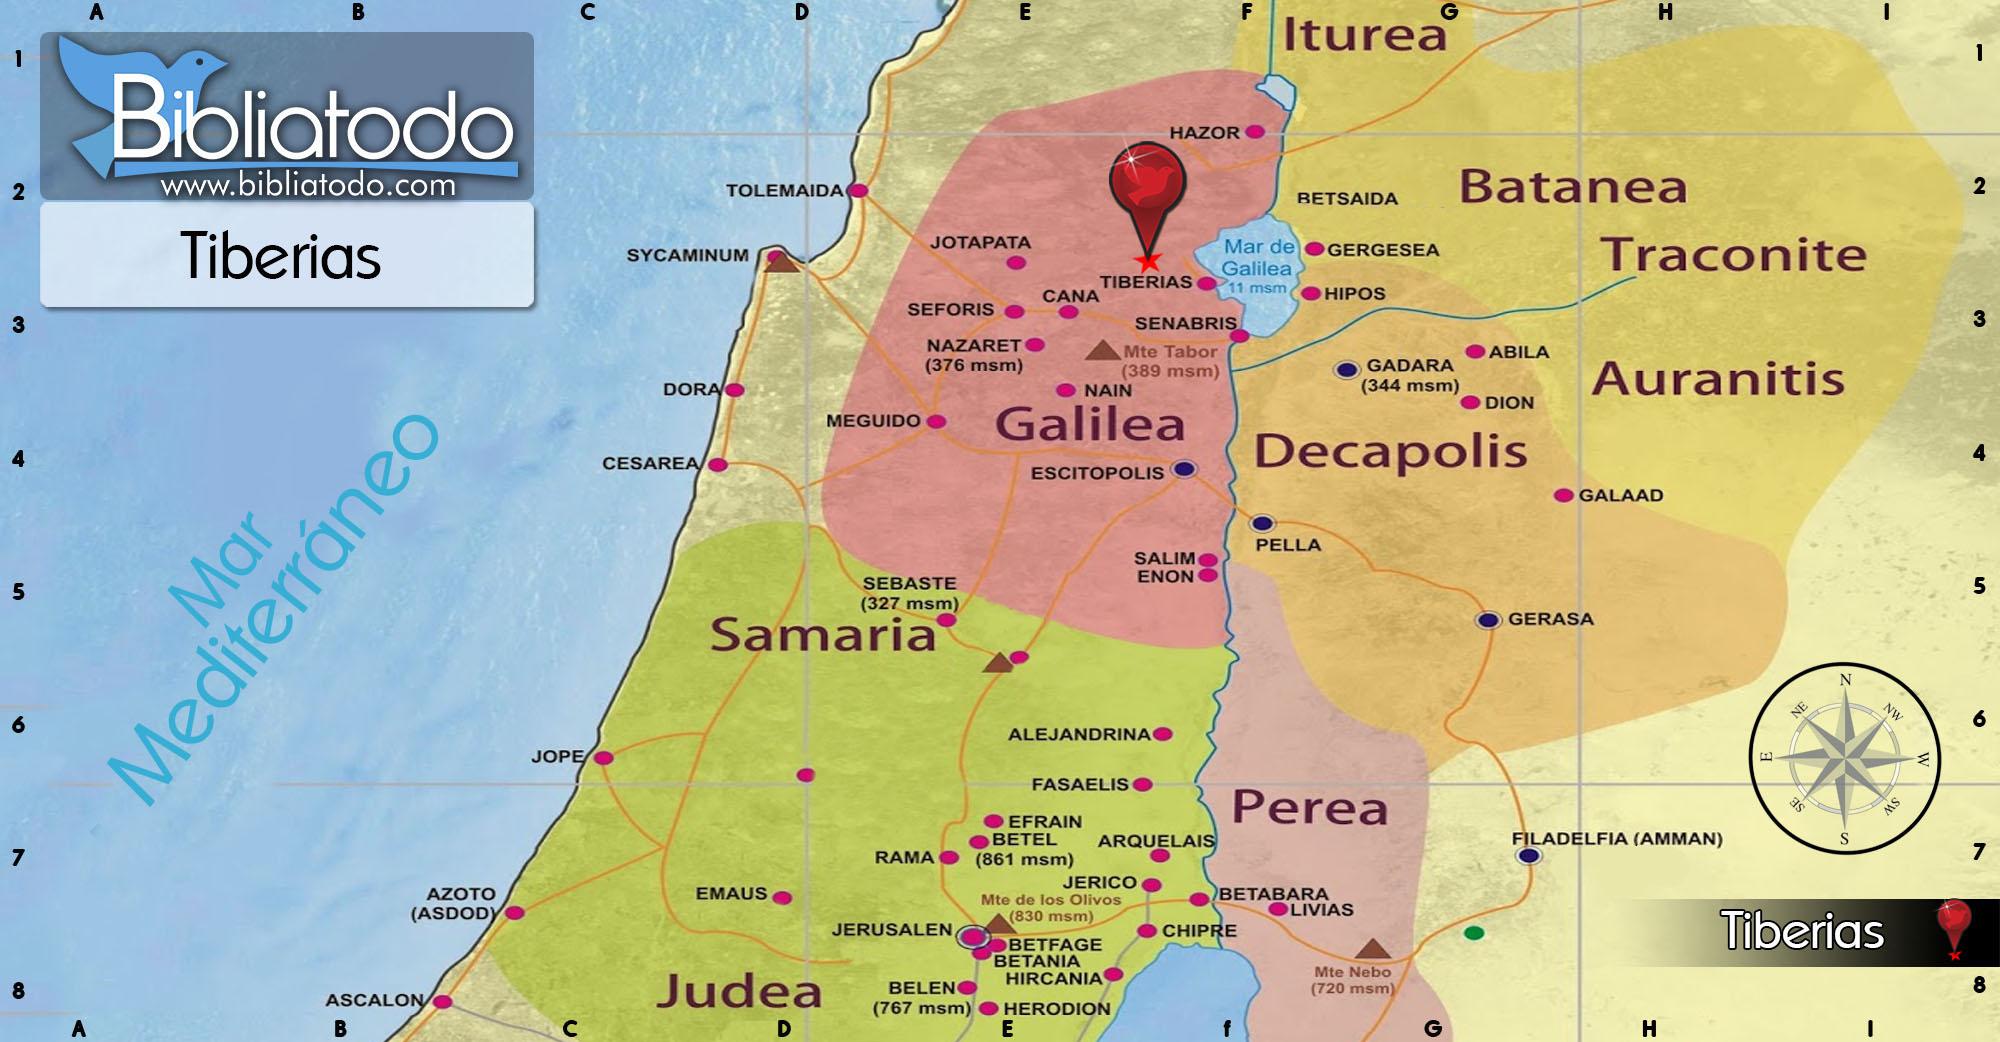 ubicacion_geografica_tiberias.jpg